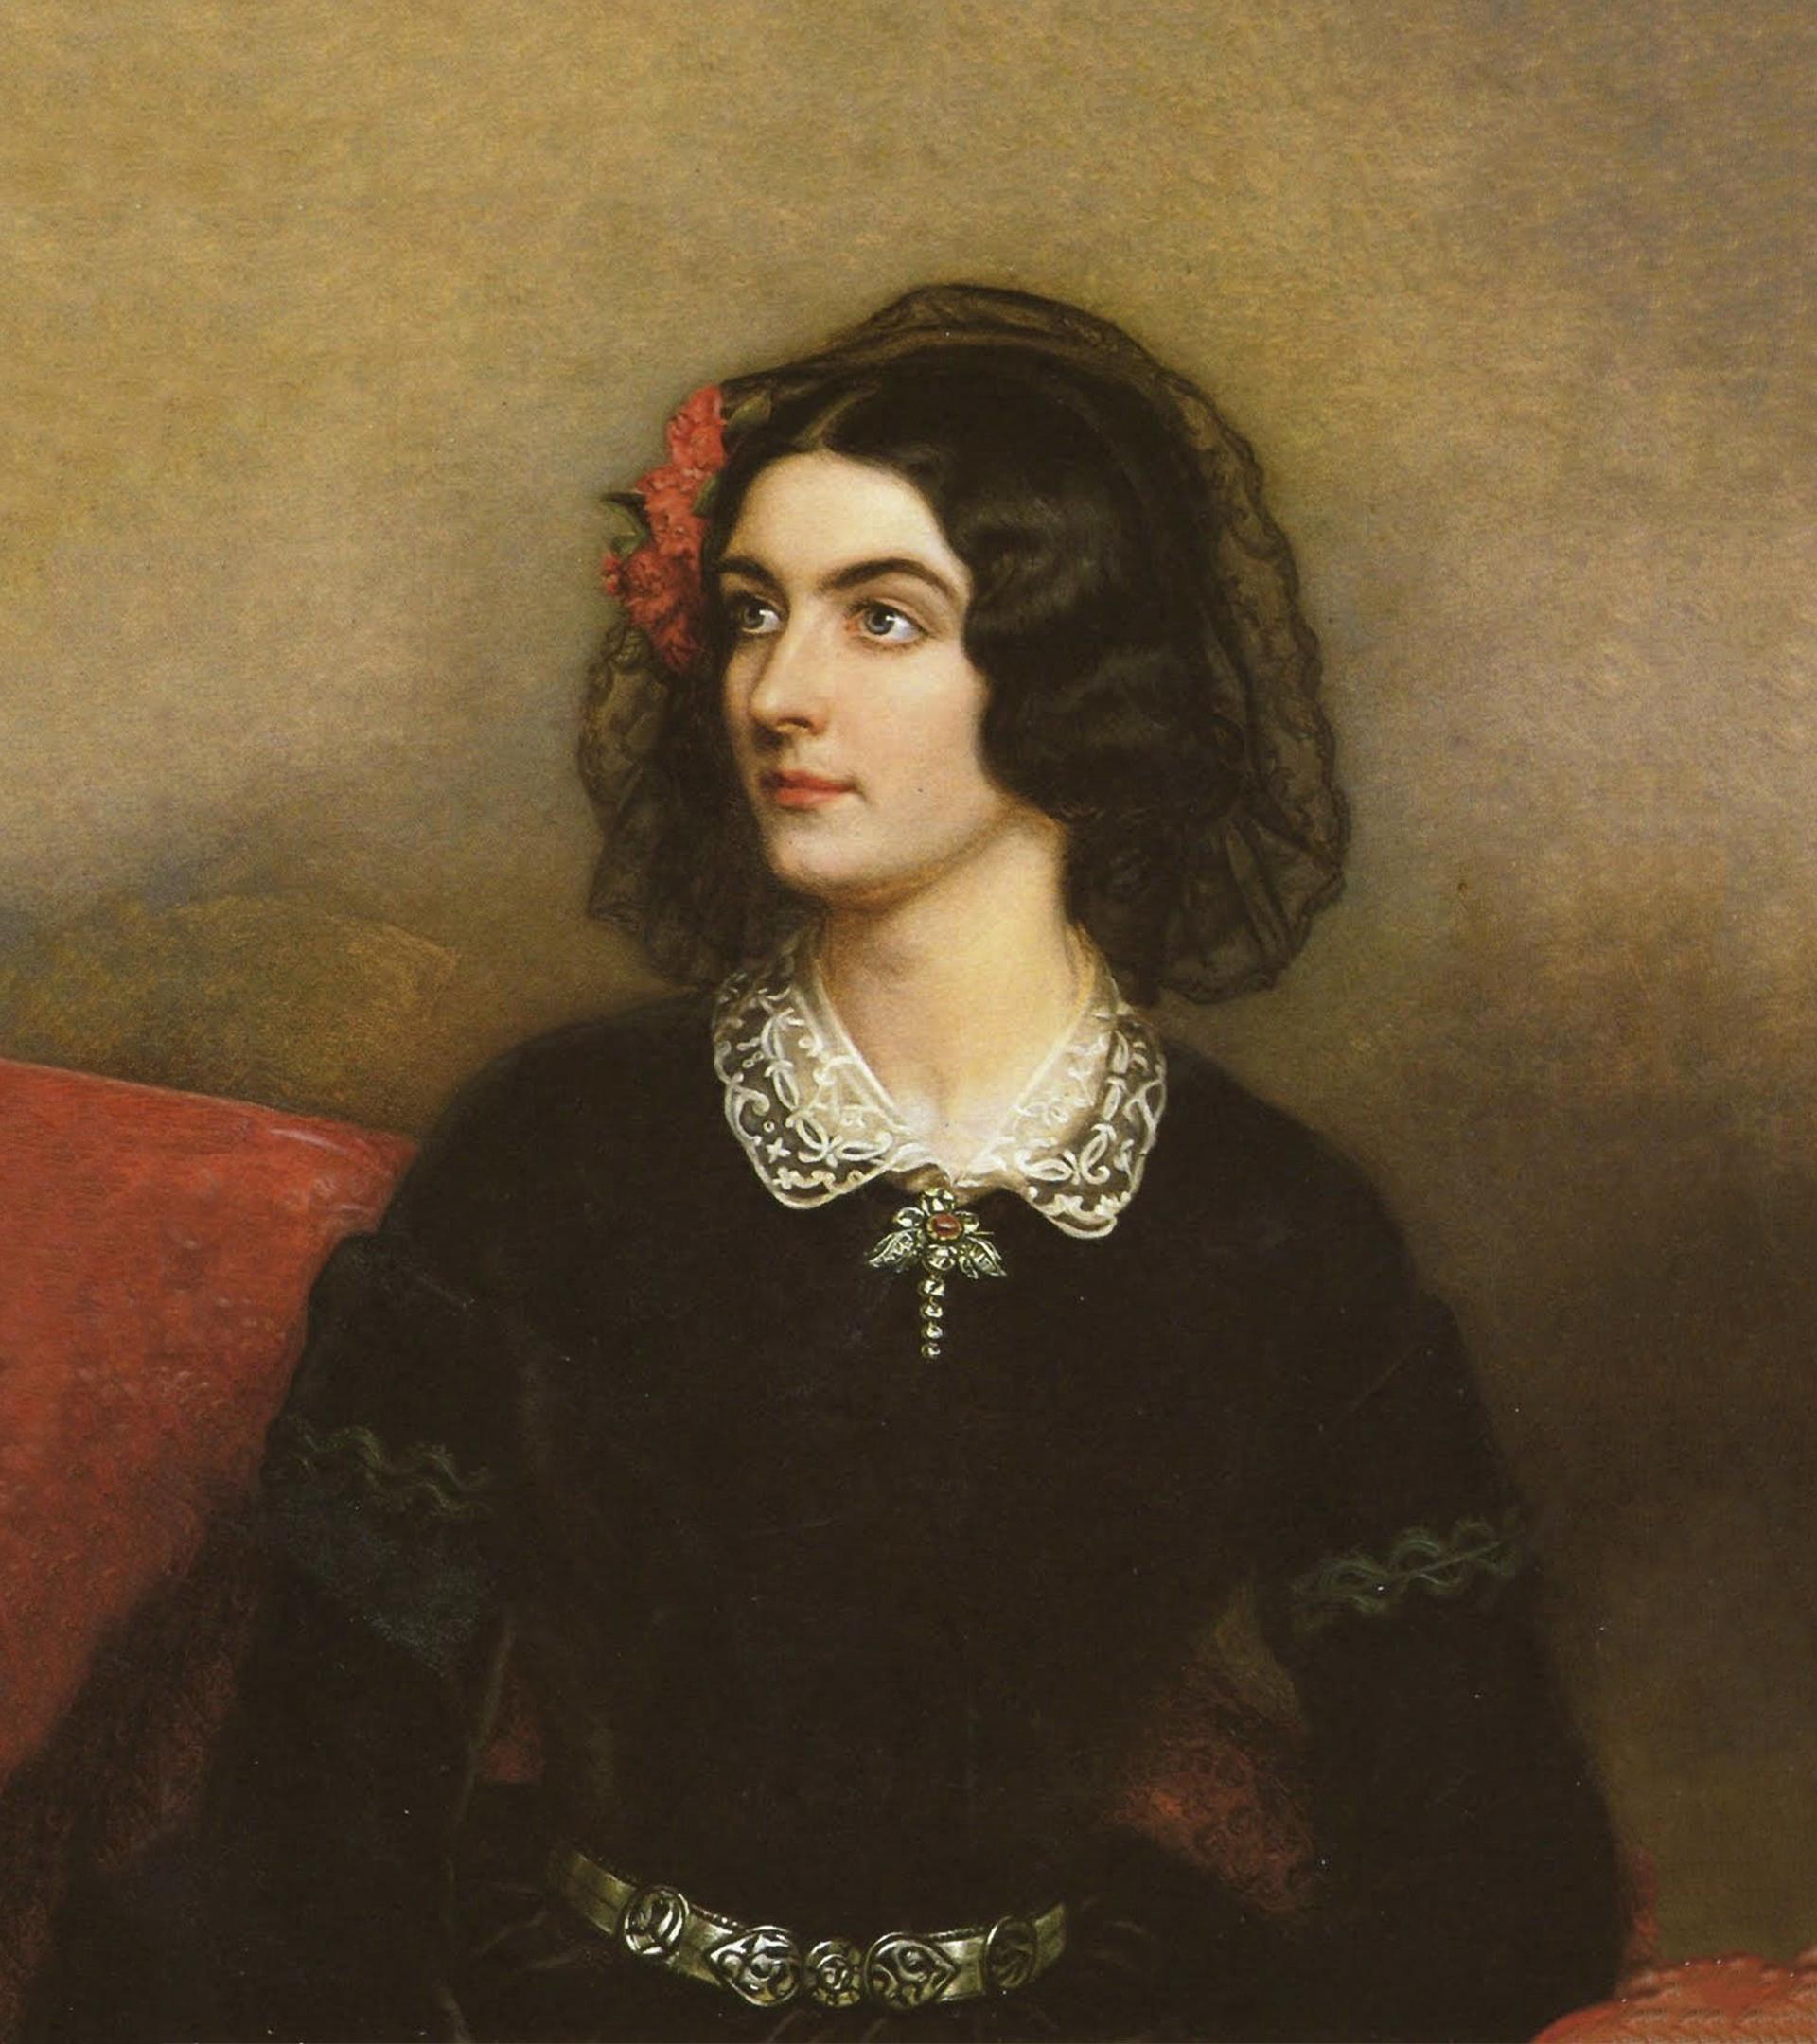 Lola Montes, retratada por Joseph Karl Stieler.